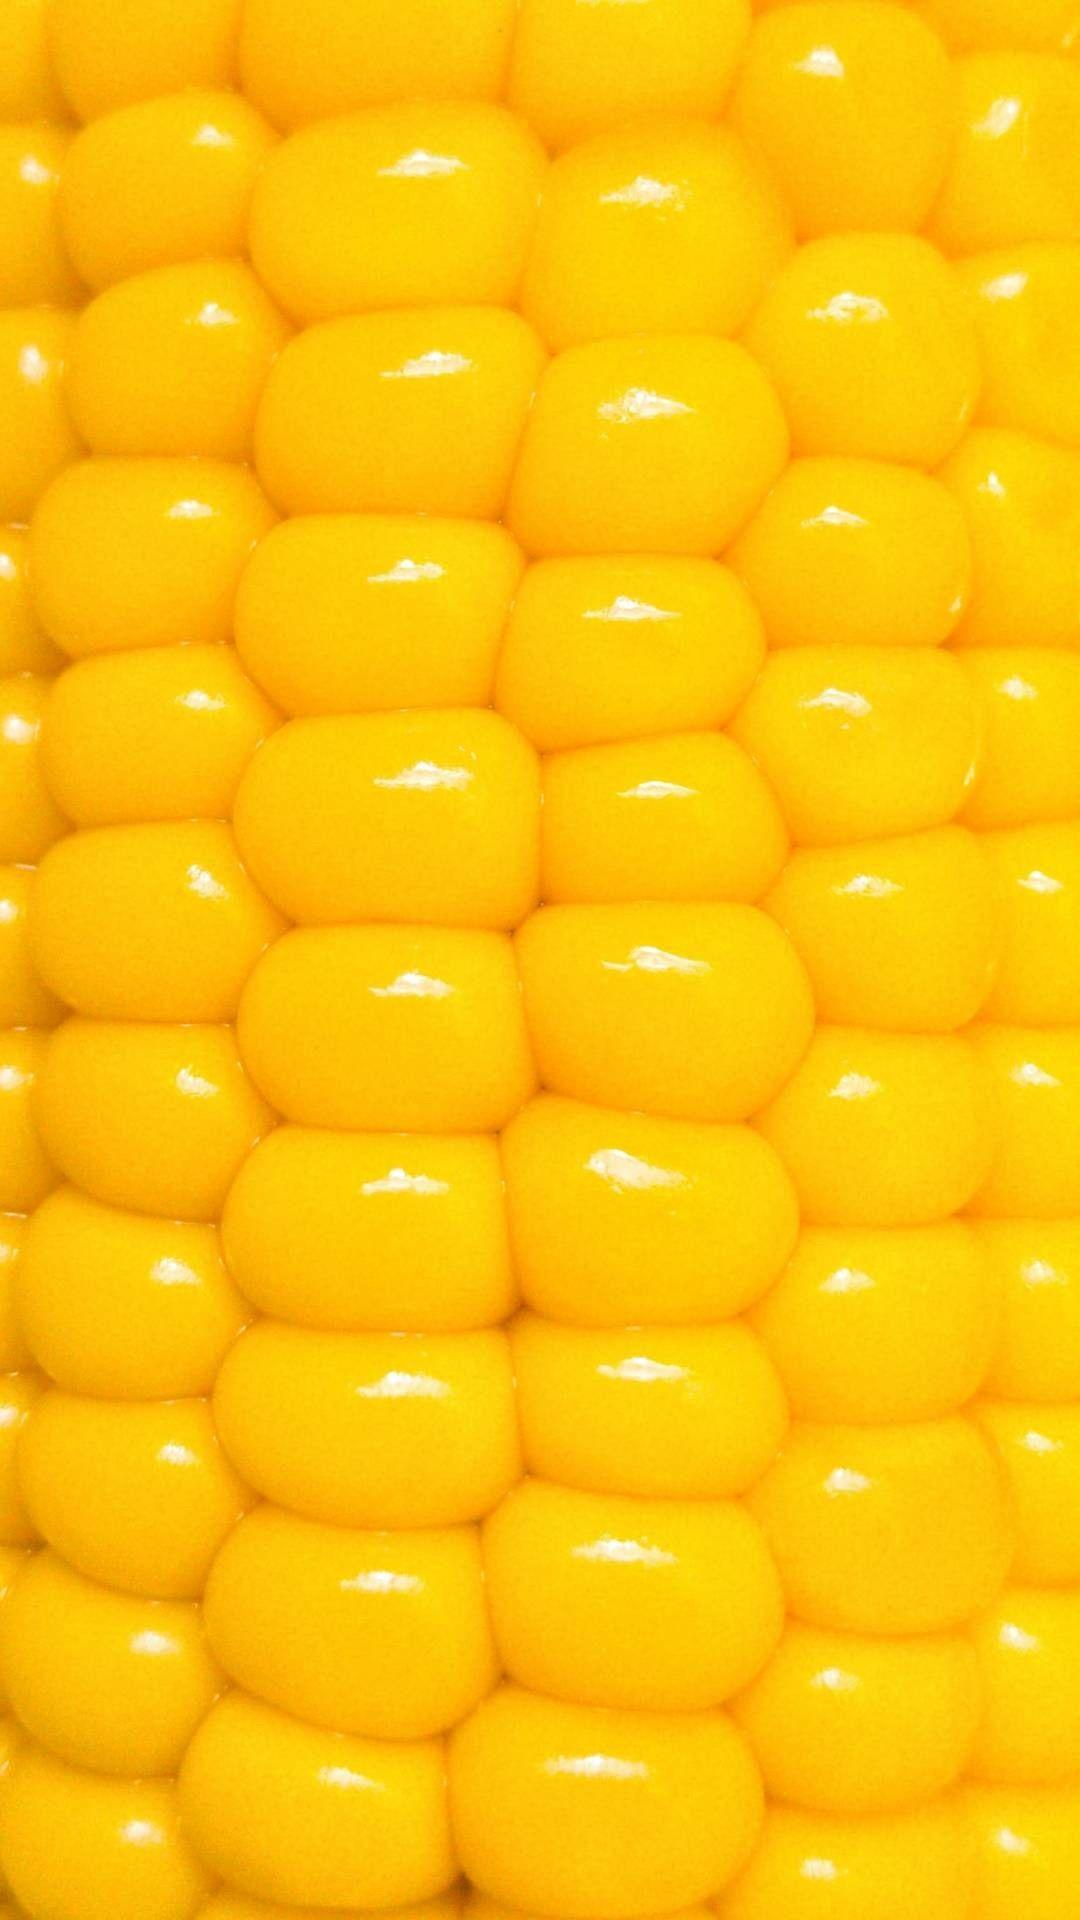 A close up of corn on the cob wallpaper close up corn